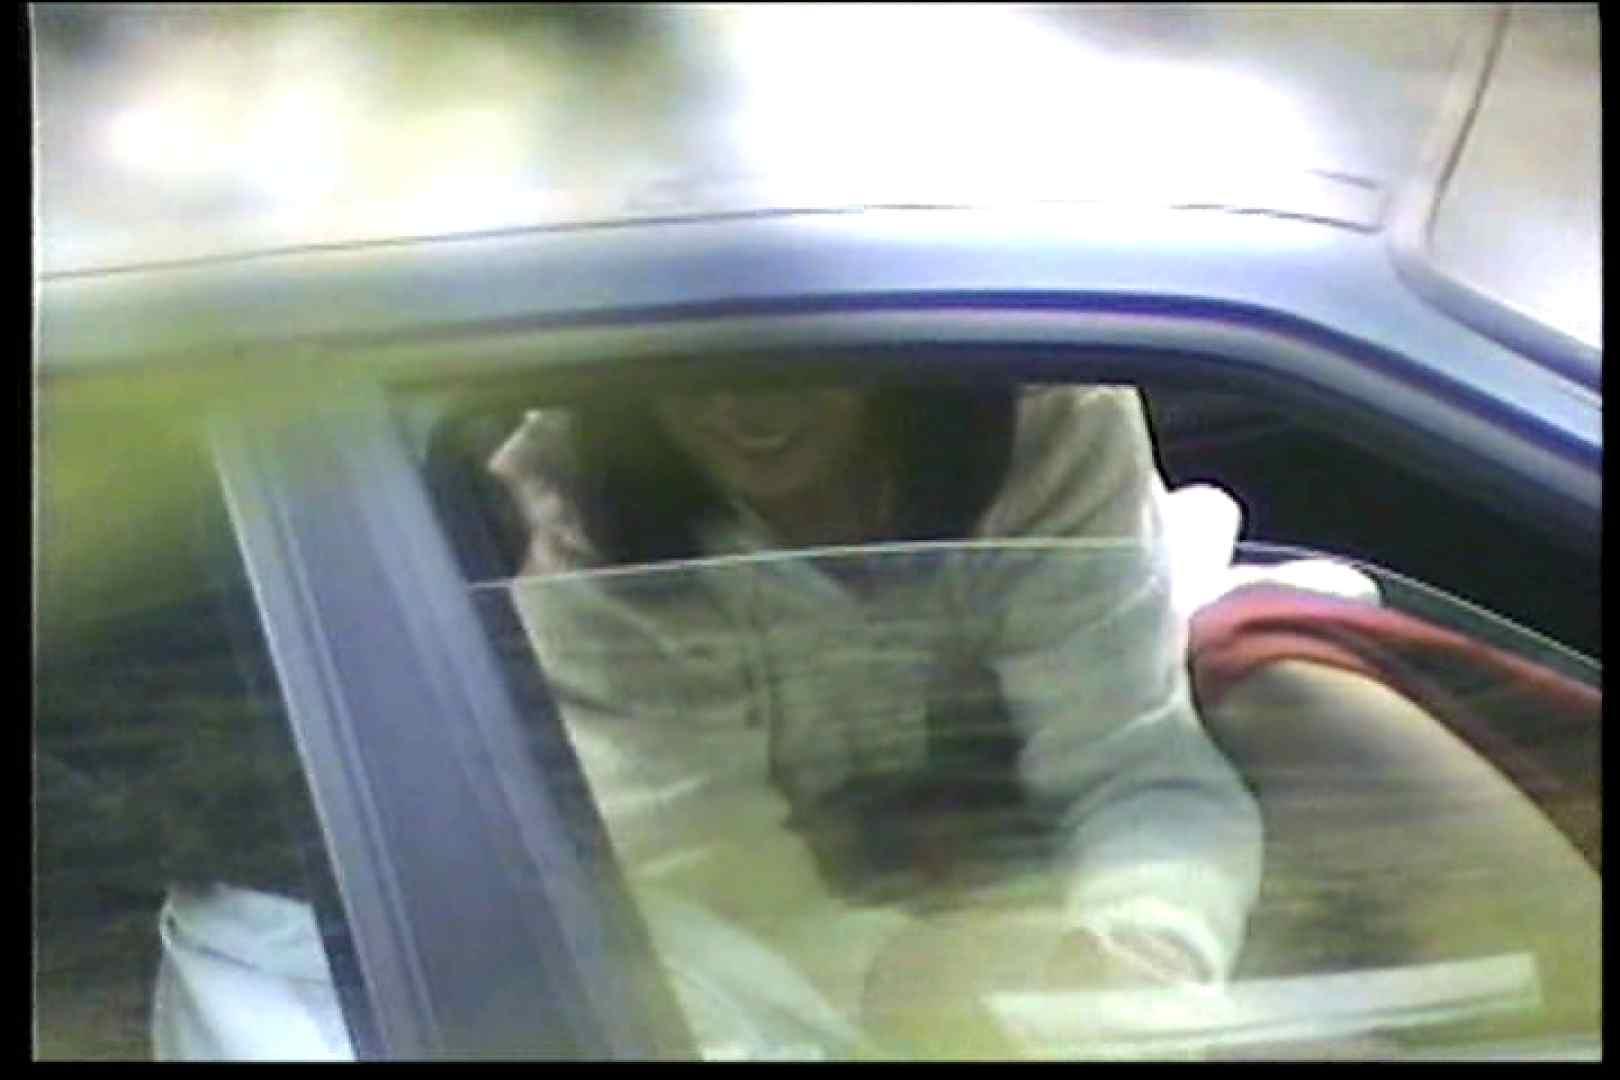 車の中はラブホテル 無修正版  Vol.12 エロティックなOL 盗み撮り動画 93画像 34